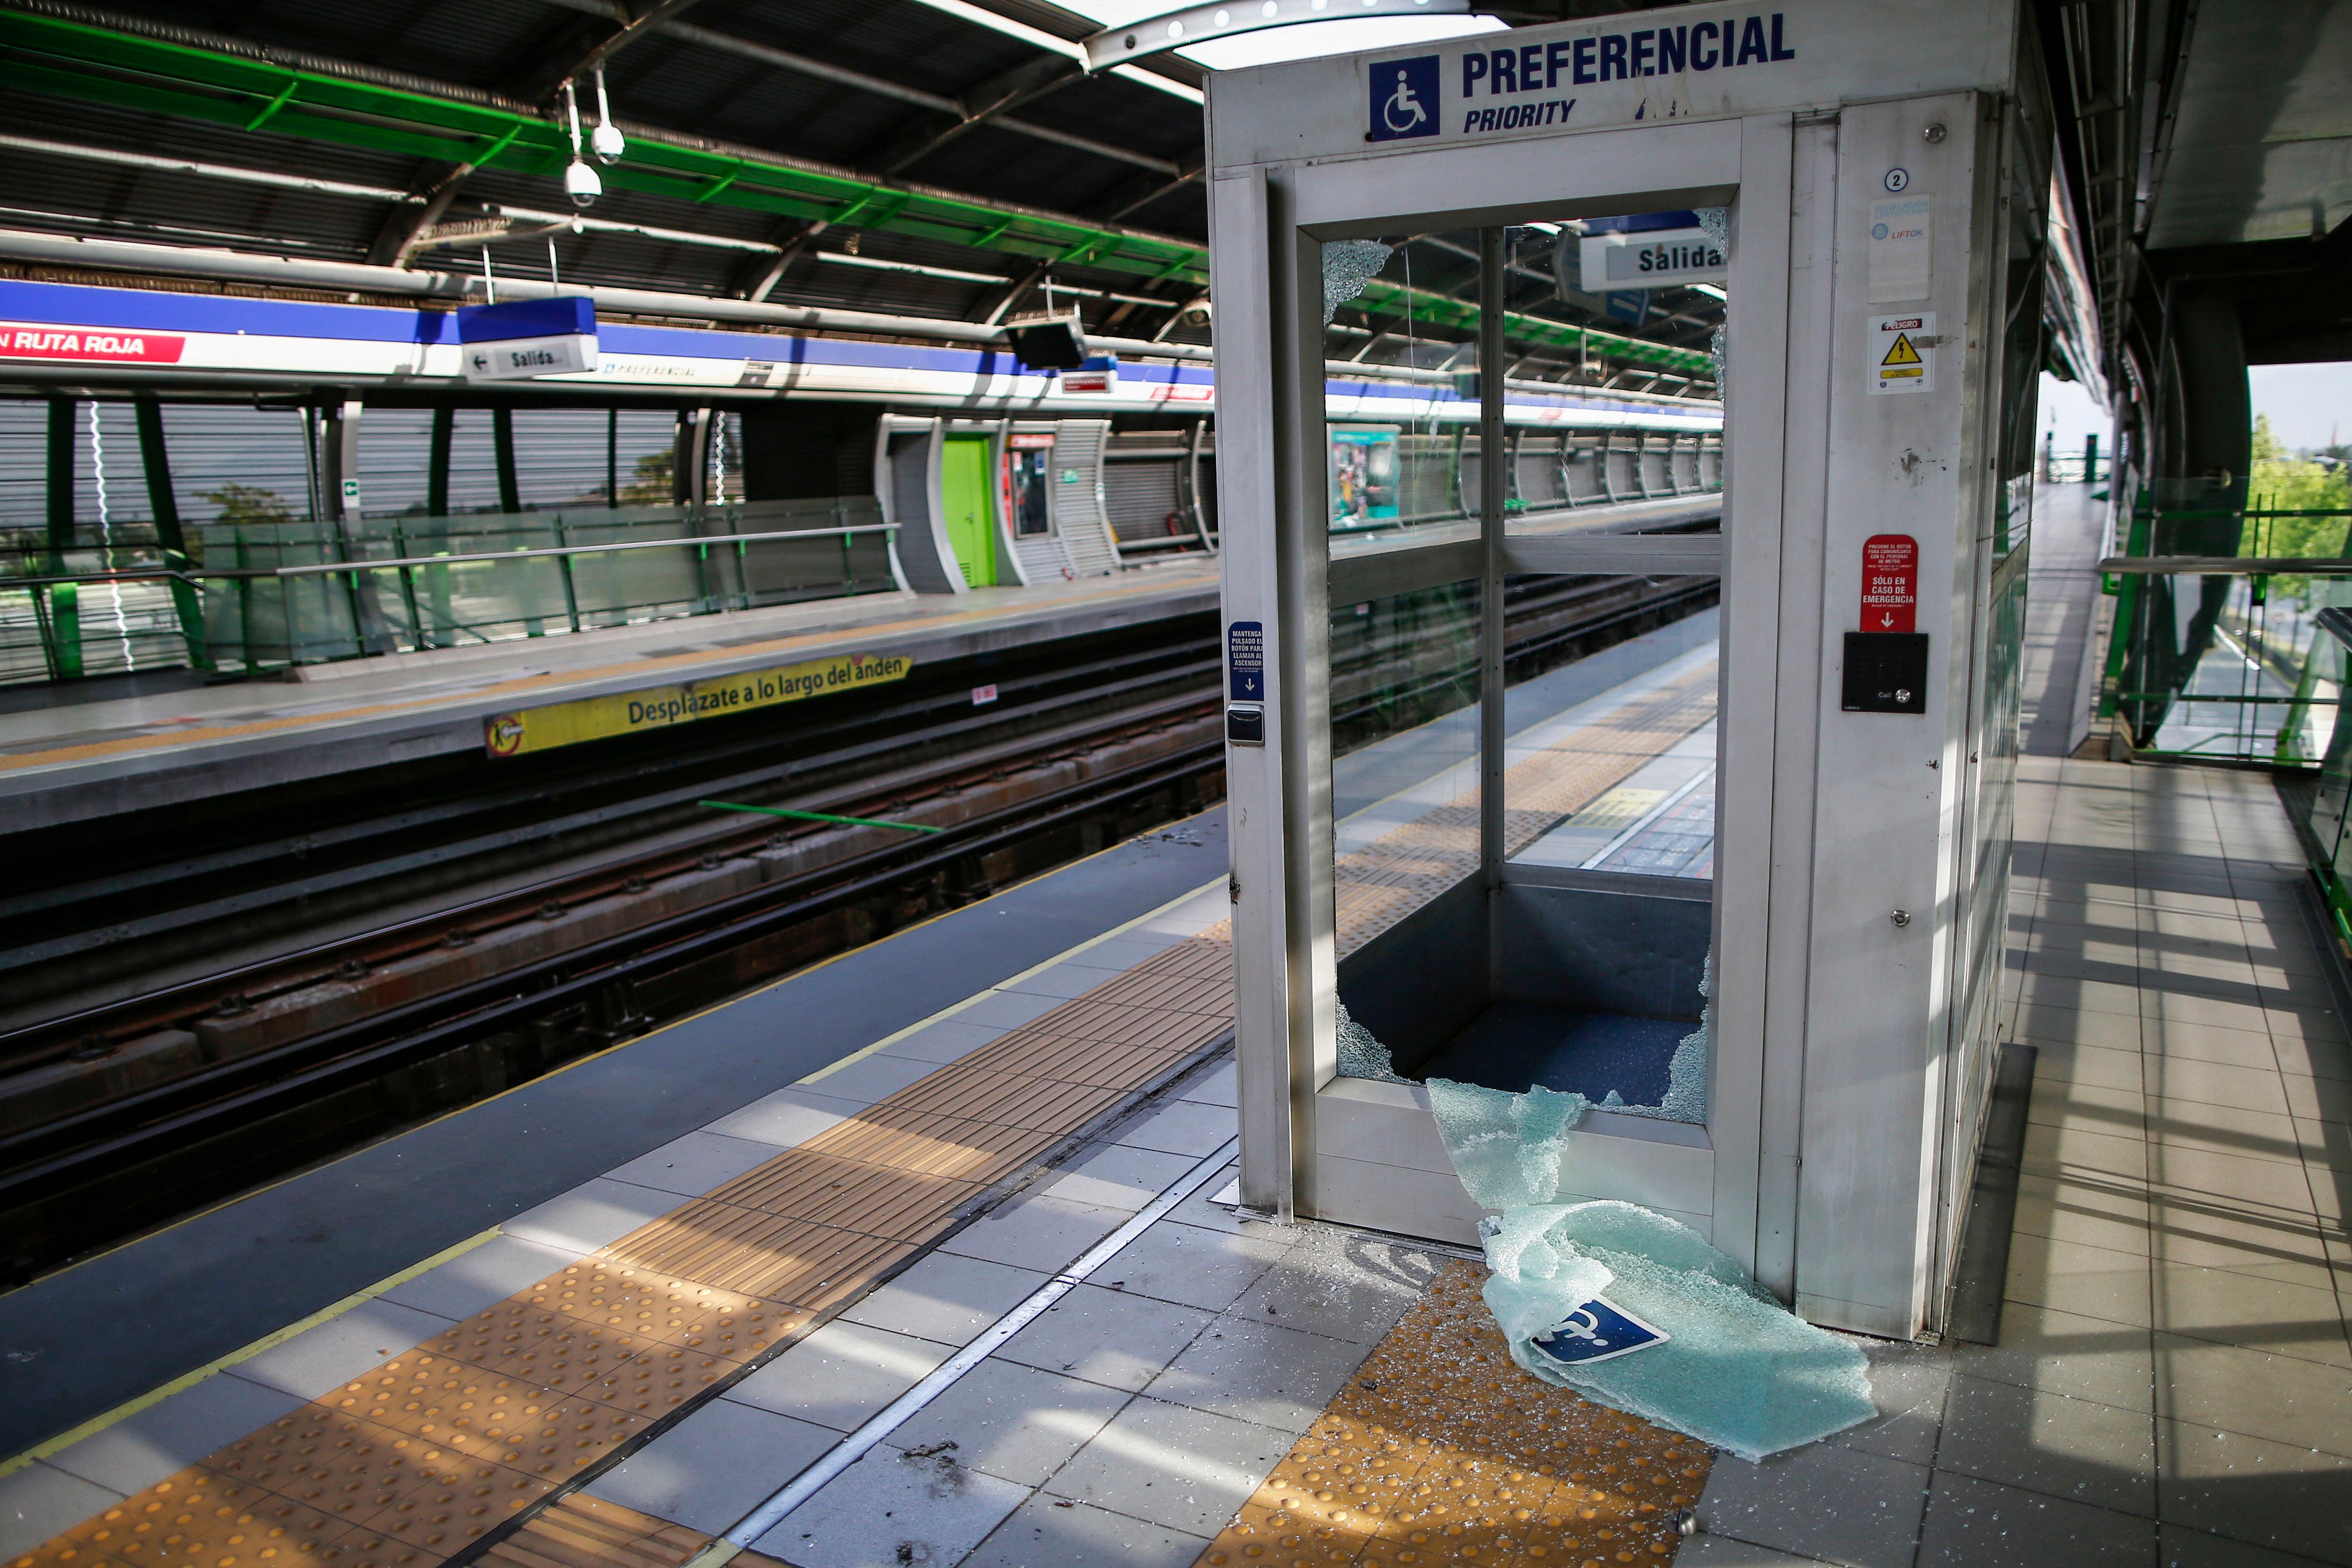 El presidente del directorio de Metro, Louis De Grange, indicó que los manifestantes ocasionaron daños en el subterráneo por 400 a 500 millones de pesos, entre 558.000 y 698.000 dólares, un balance que podría ser actualizado sustancialmente